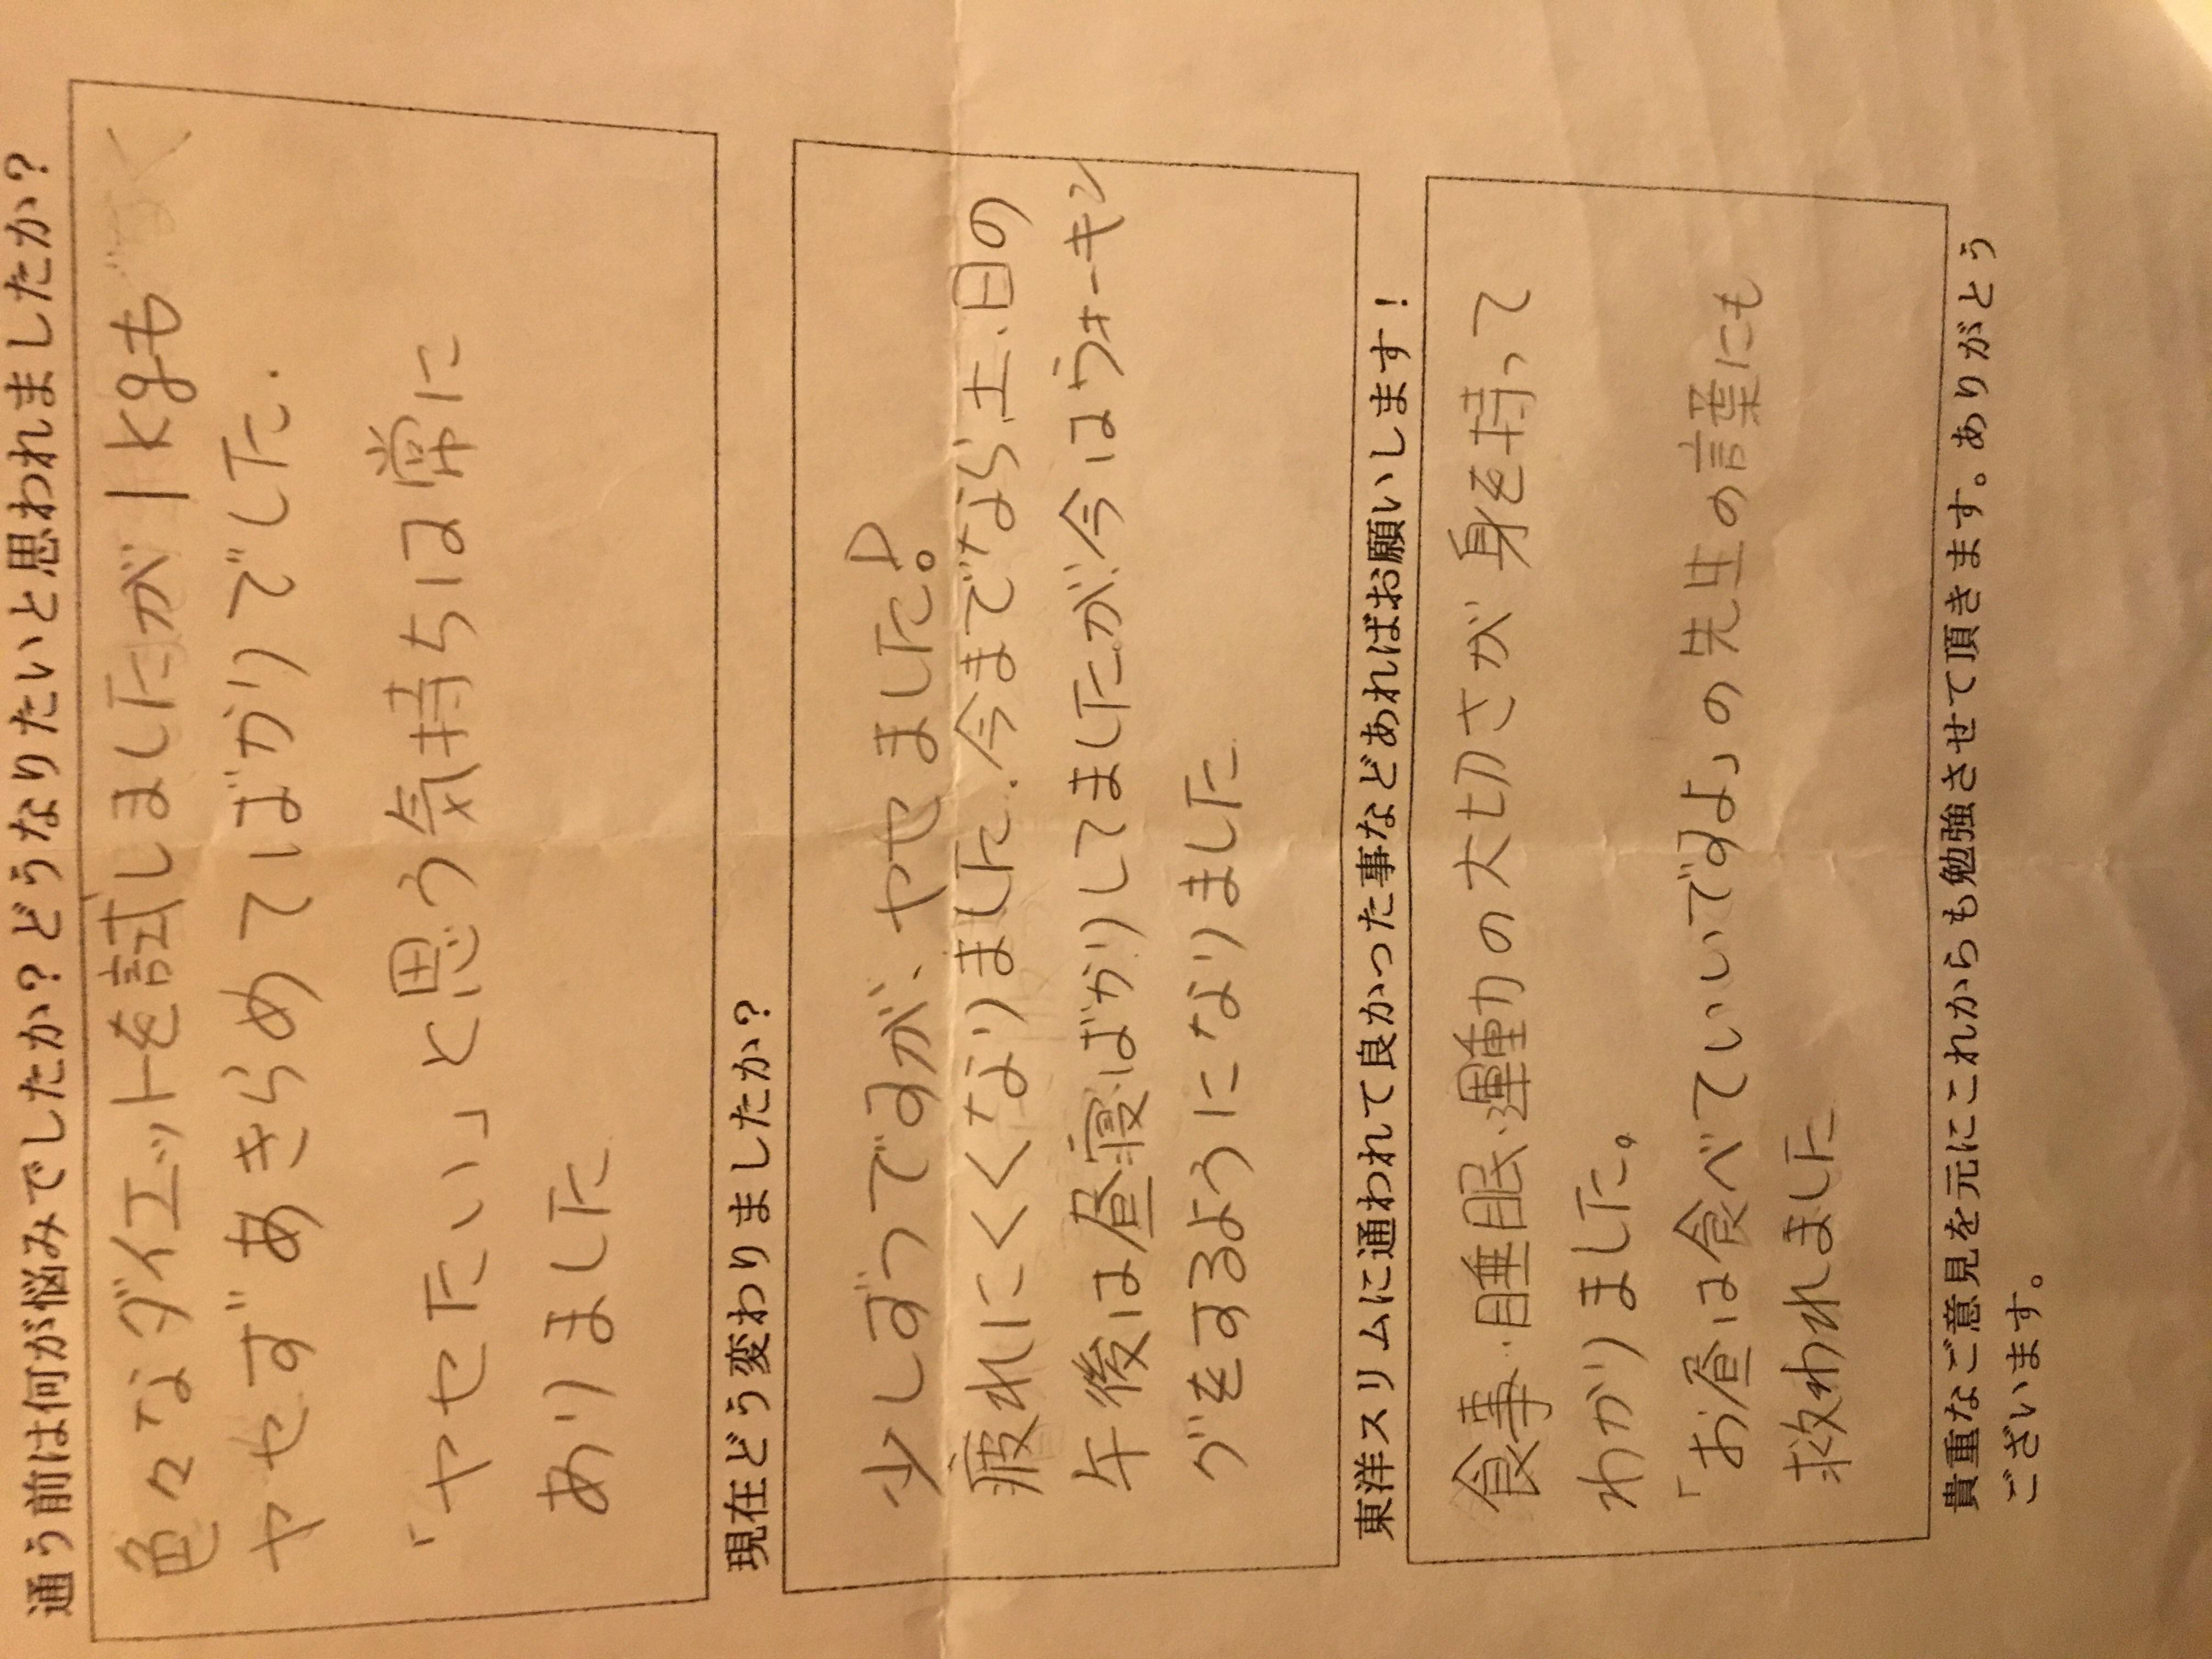 [皆様の声]大阪府富田林市Rさん(50代)耳ツボダイエット6.8kg成功